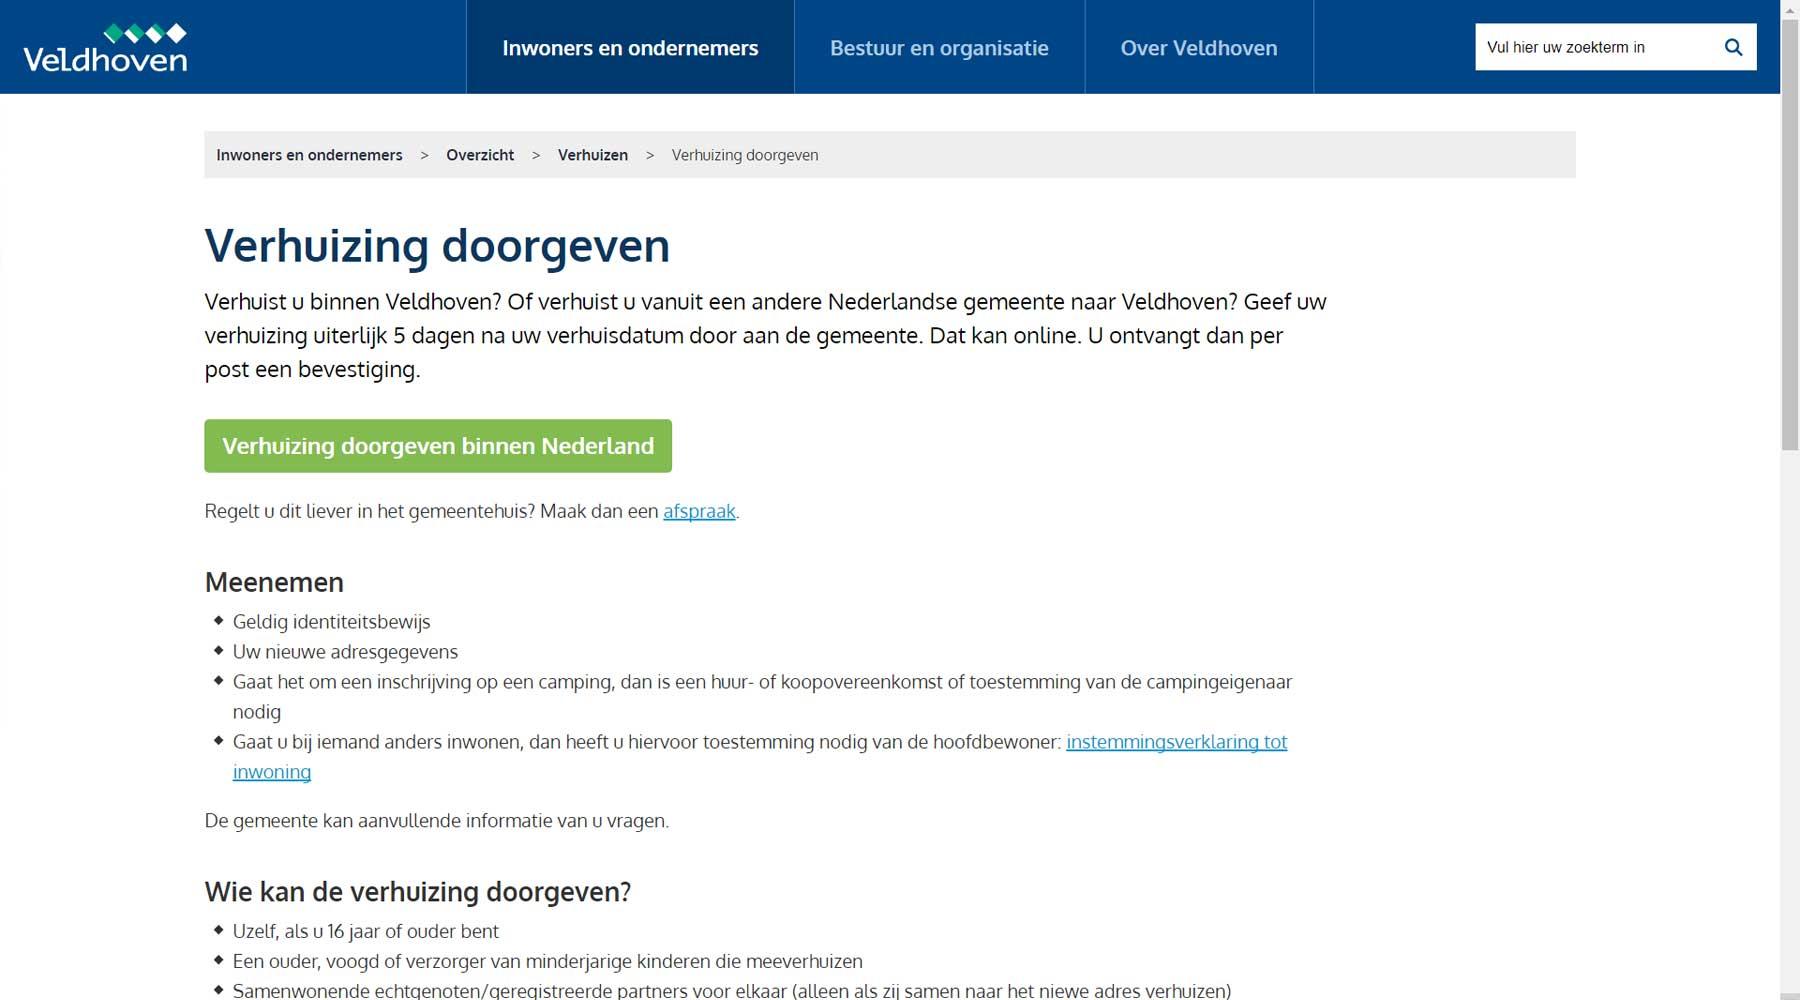 Call-to-action verhuizing doorgeven Veldhoven | Toptaken website